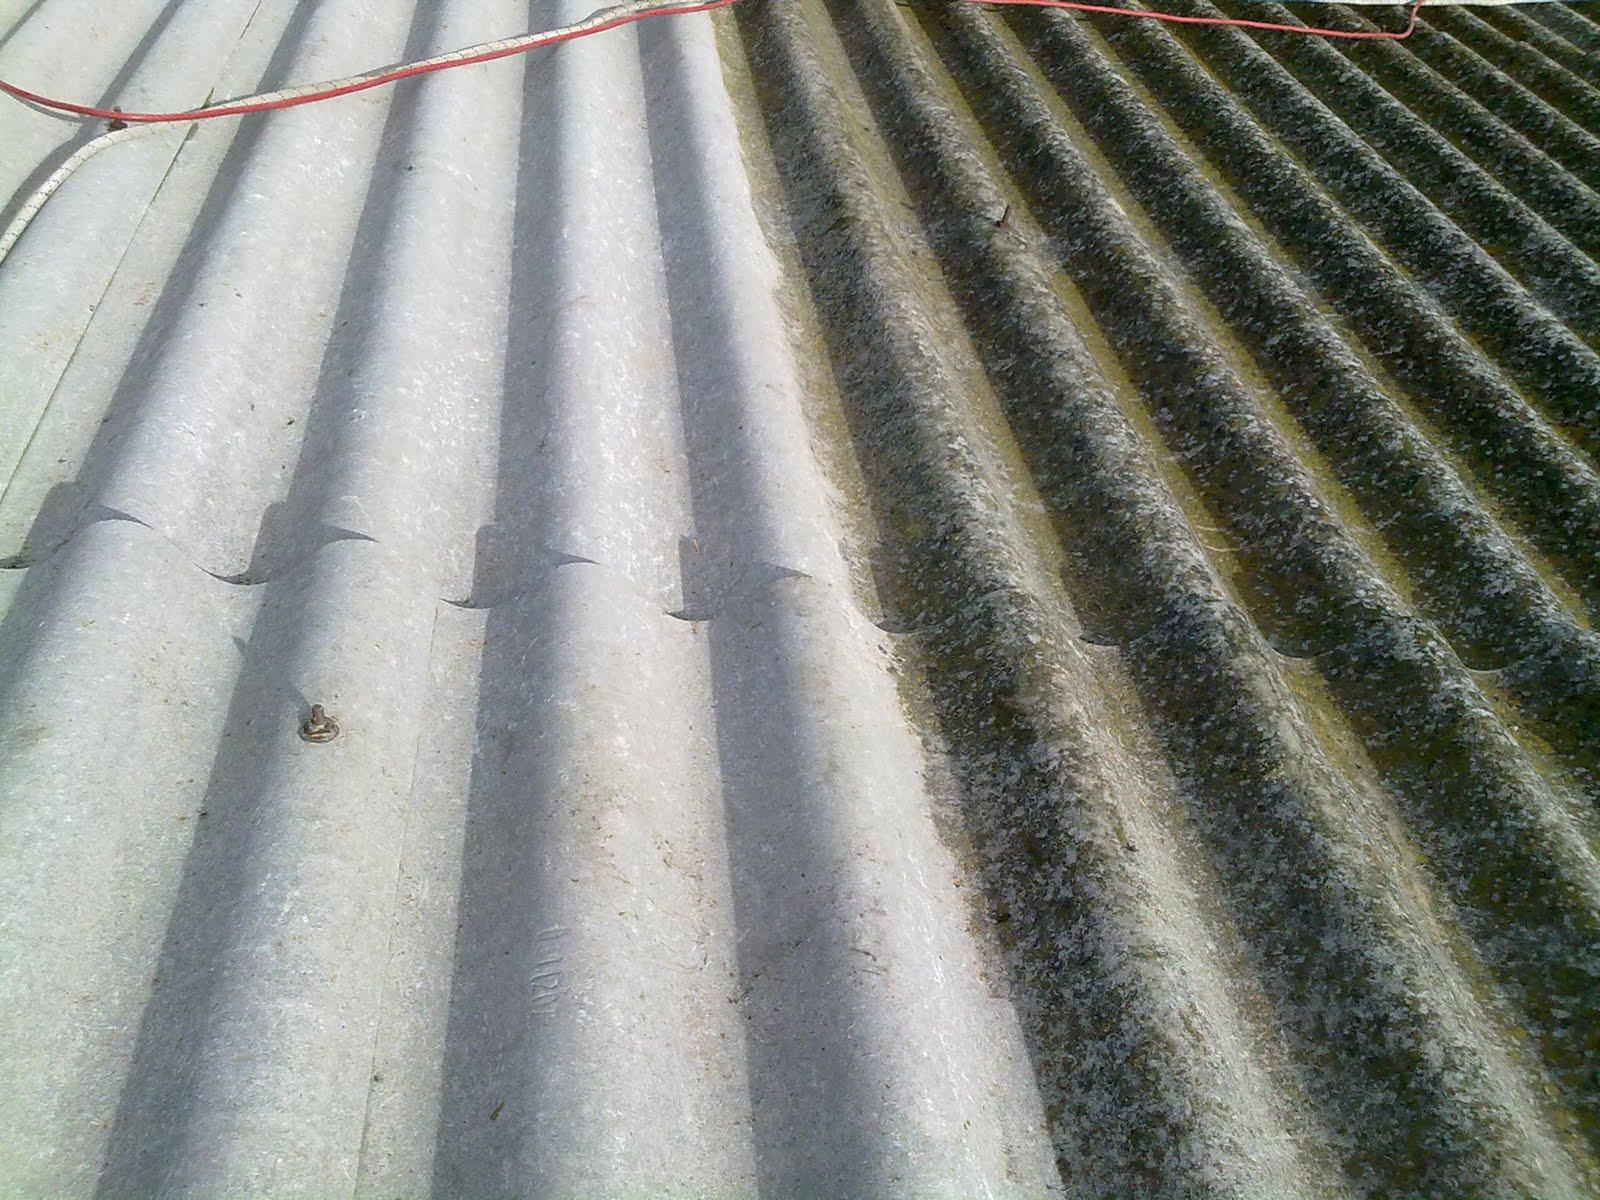 Mantenimiento tejados de uralita limpieza de uralita for Tejados prefabricados